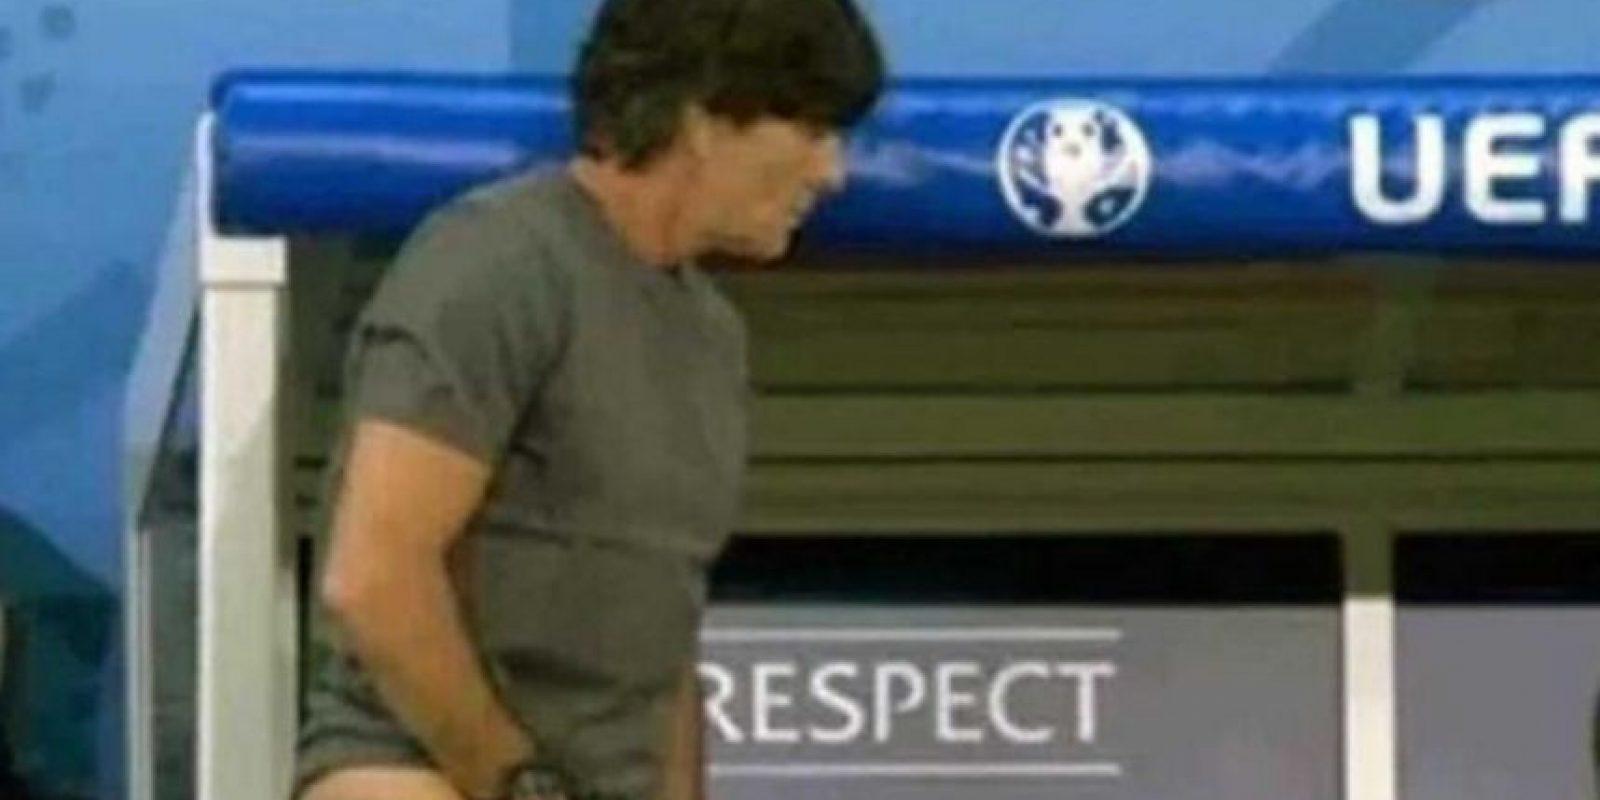 El técnico se metió la mano en los pantalones para tocarse los genitales y luego terminó oliéndose la mano Foto:Getty Images